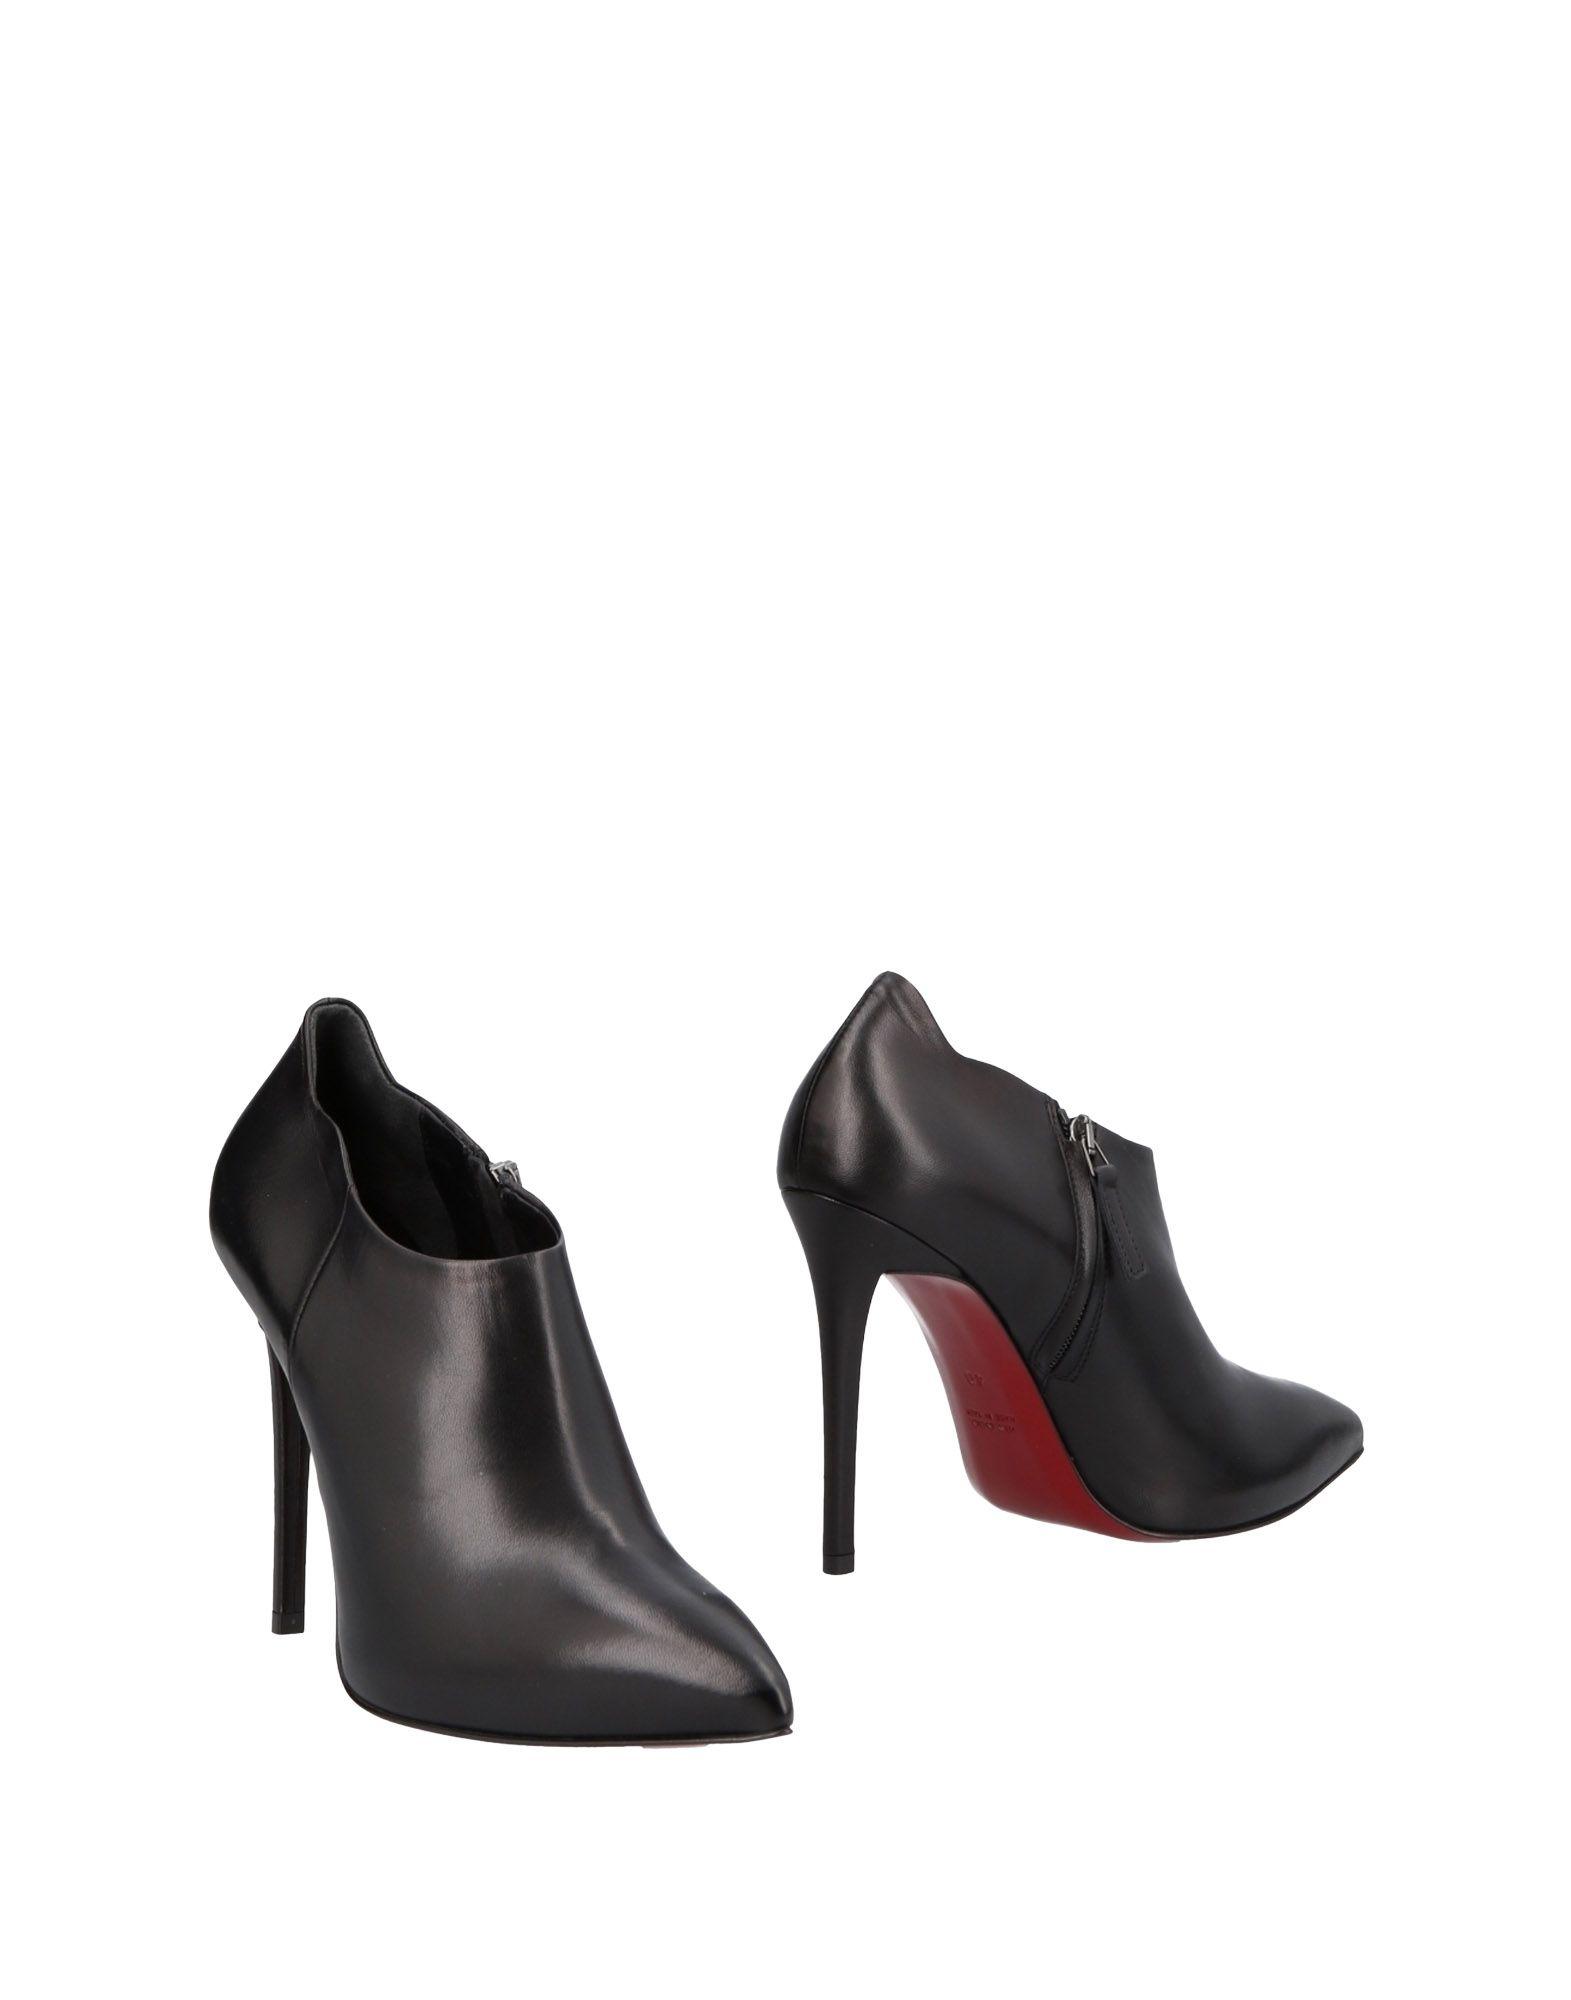 Franco Colli Stiefelette Damen  11473334DB Gute Qualität beliebte Schuhe